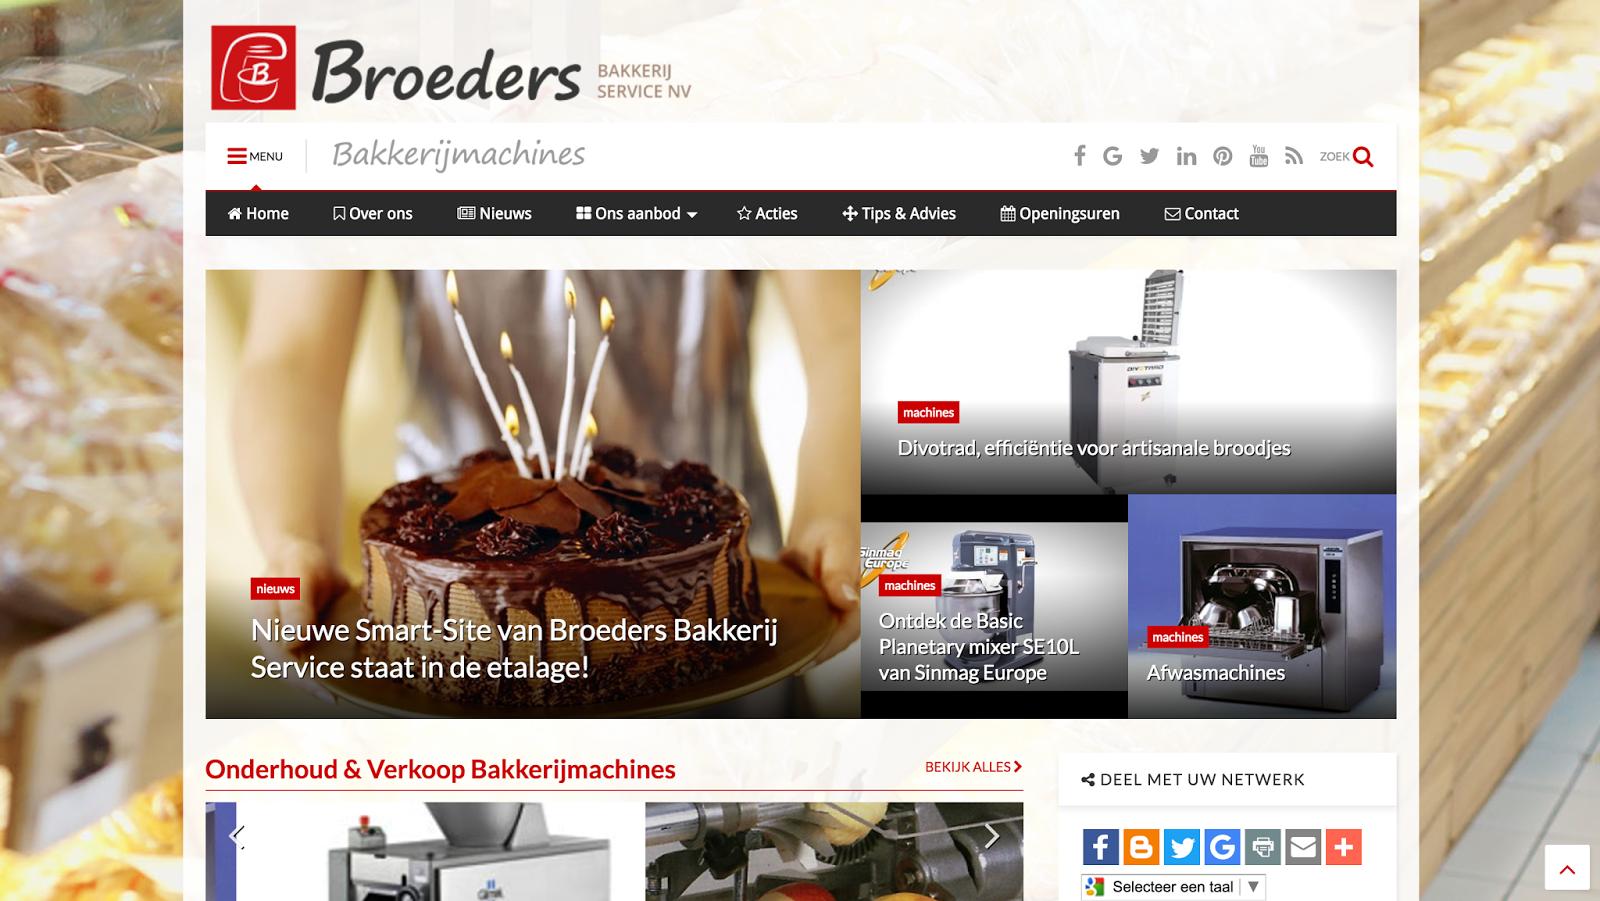 Broeder Bakkerij Service – bakkerijmachines – Hasselt Sint-Lambrechts-Herk